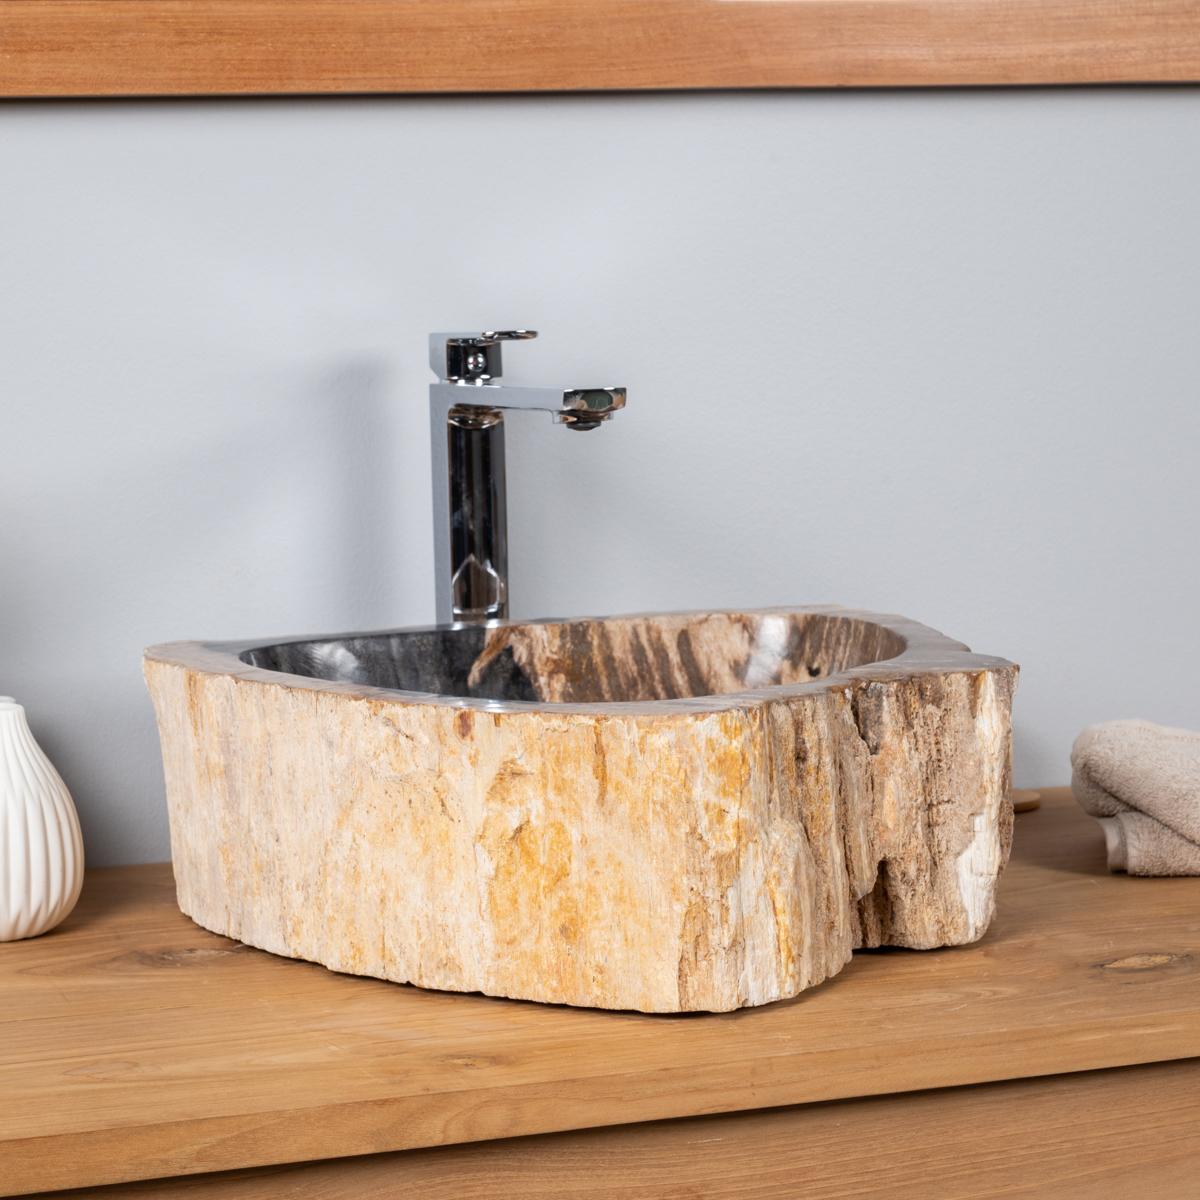 Vasque de salle de bain en bois p trifi fossilis l 60 cm - Vasque en bois ...